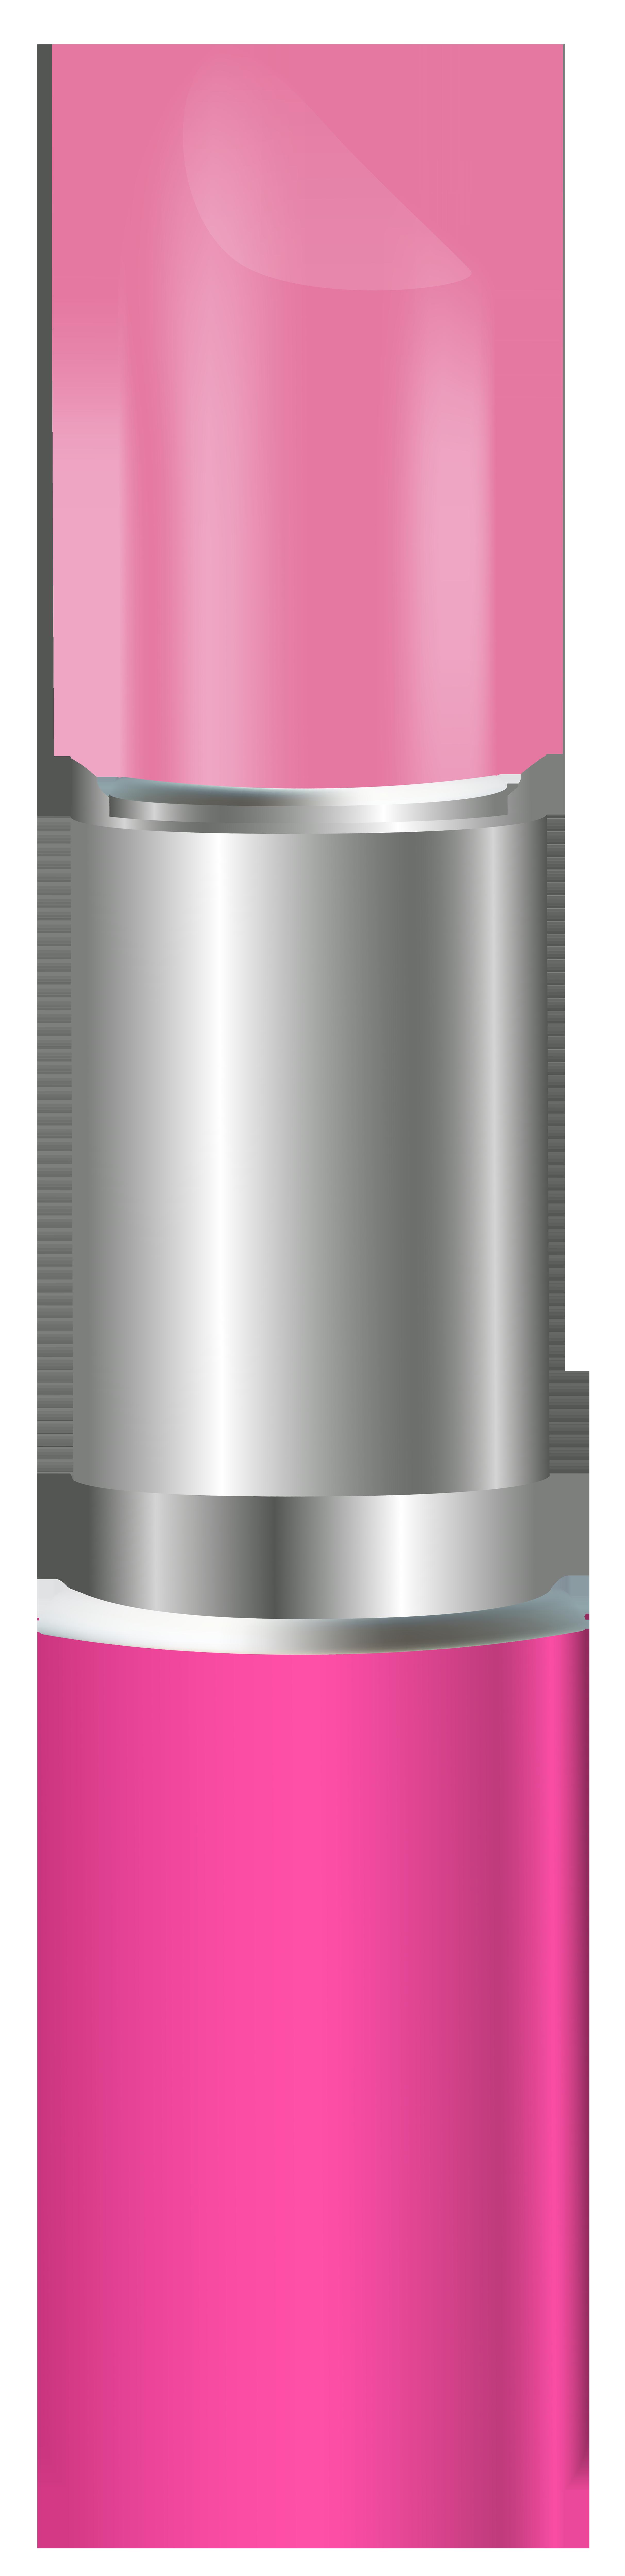 Lipstick clipart - Clipground